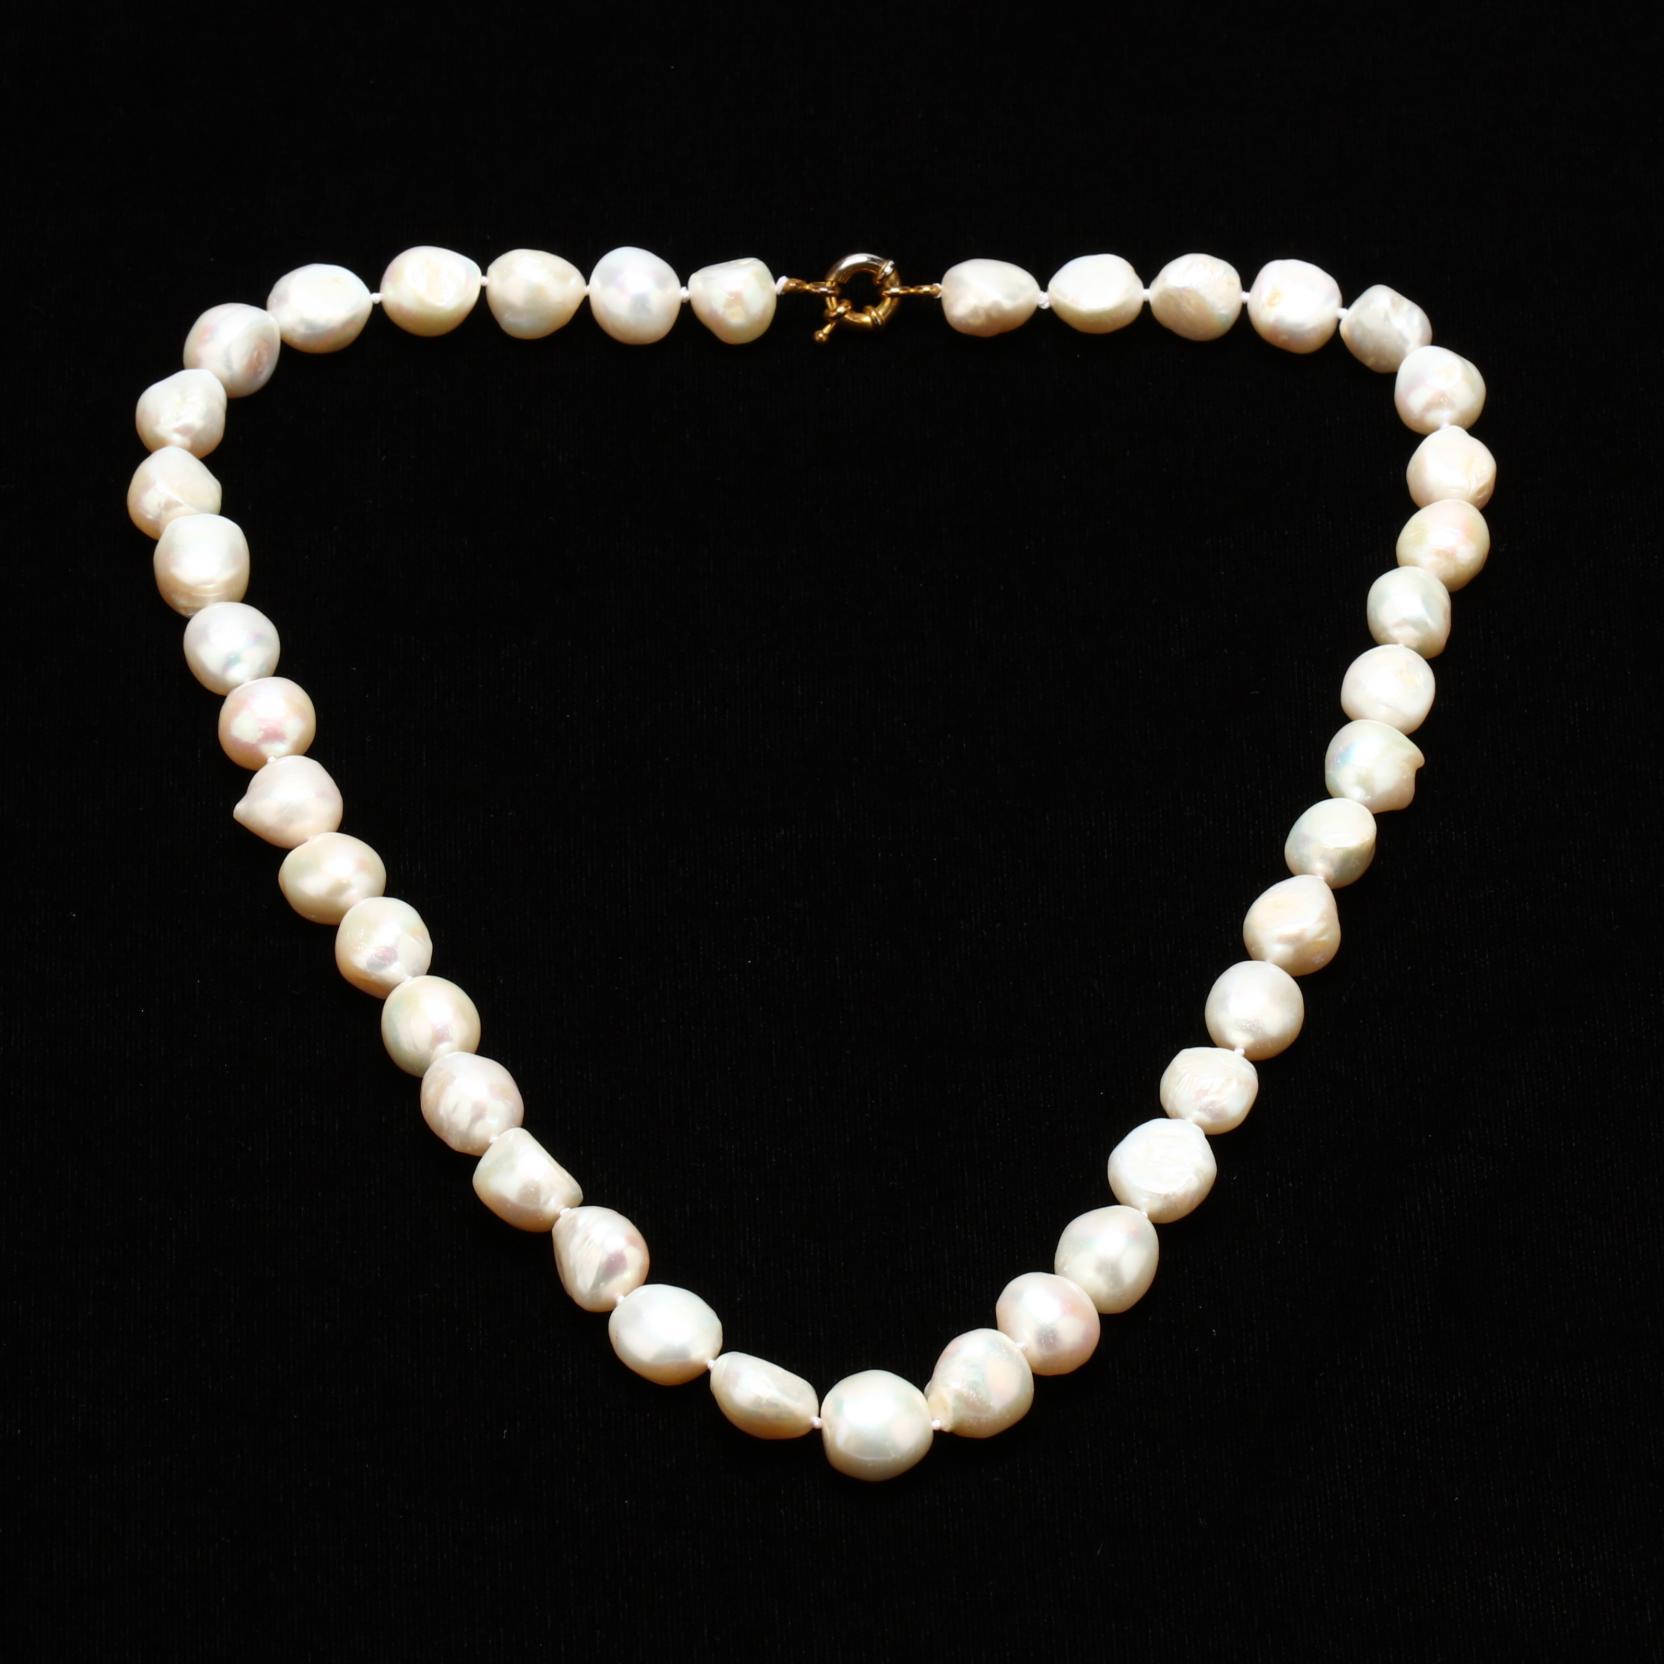 baroque-pearl-necklace